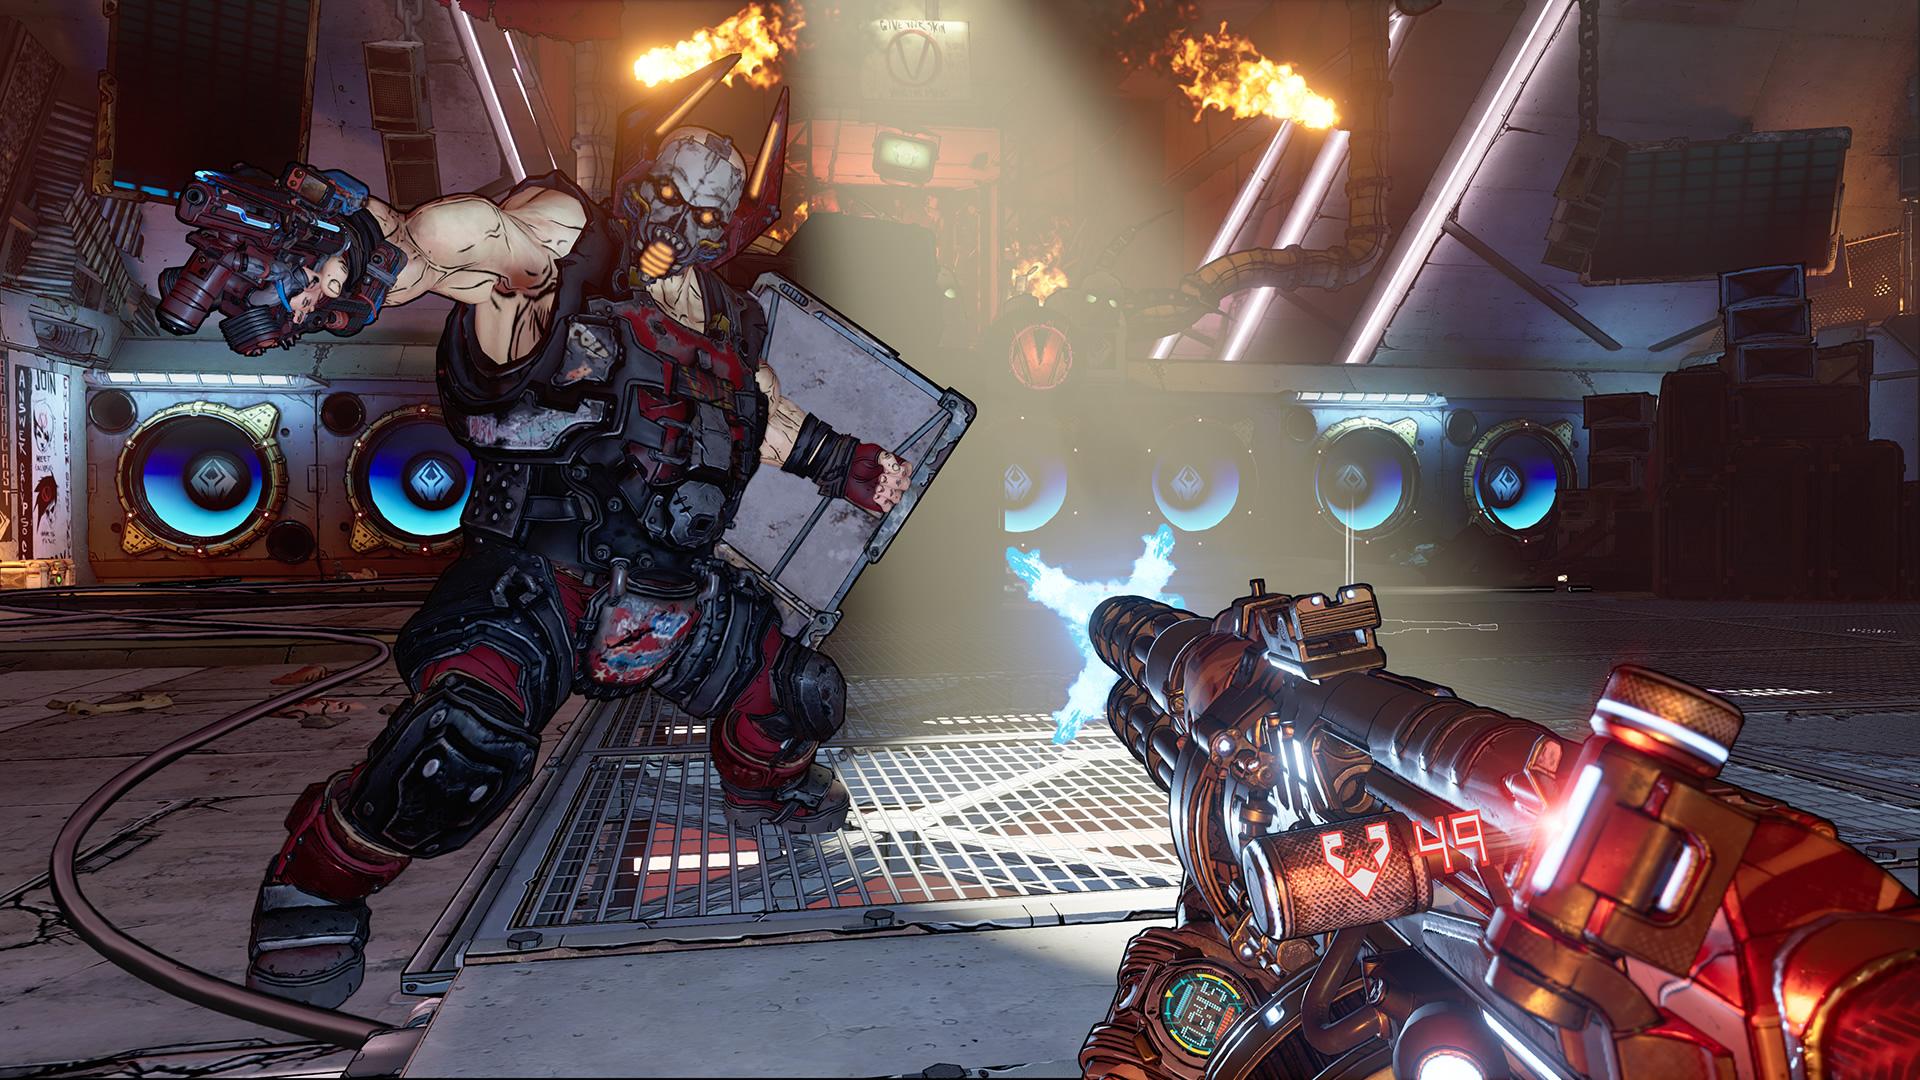 Ett rött gevär ur förstapersons-perspektiv pekar mot en musklig fiende med kravallsköld i en industrilokal.